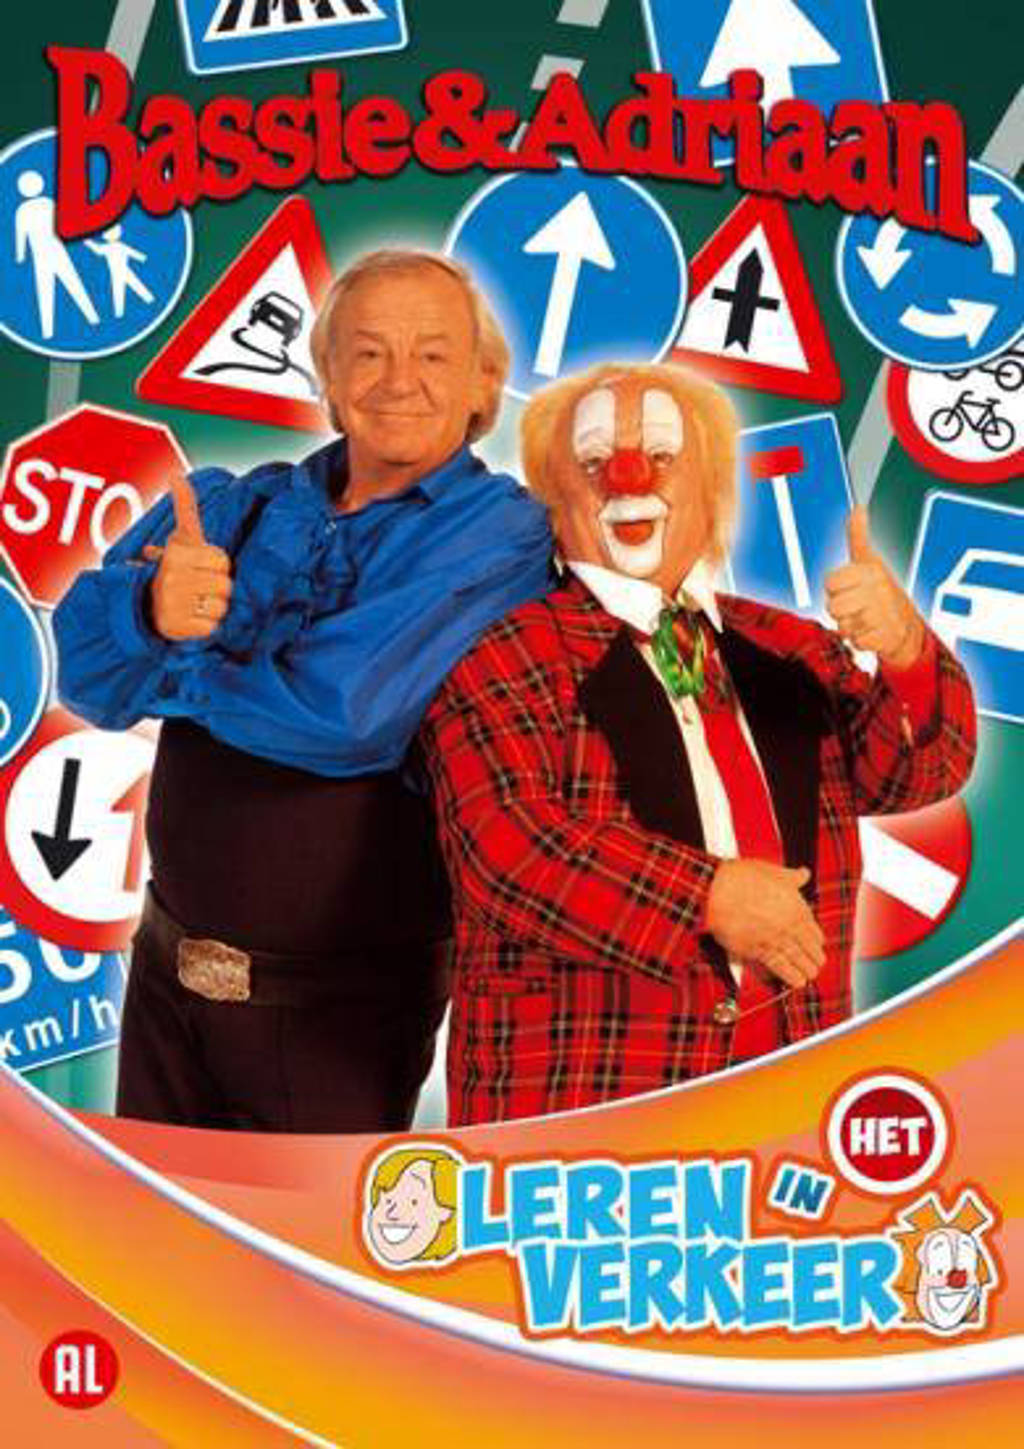 Bassie & Adriaan Leer In Het Verkeer (DVD)